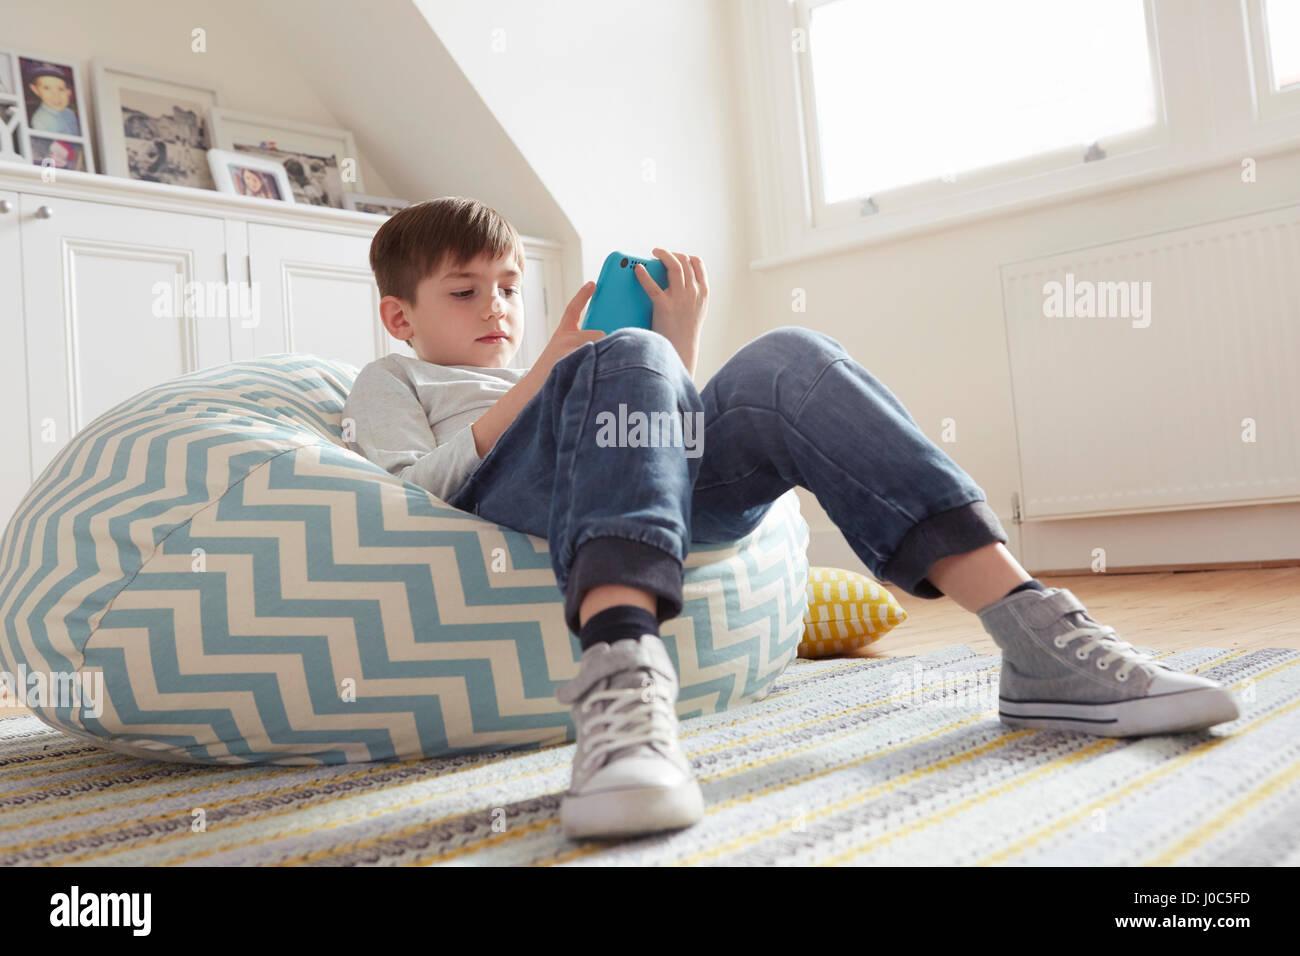 Boy vous coucher sur un fauteuil poire looking at digital tablet Photo Stock